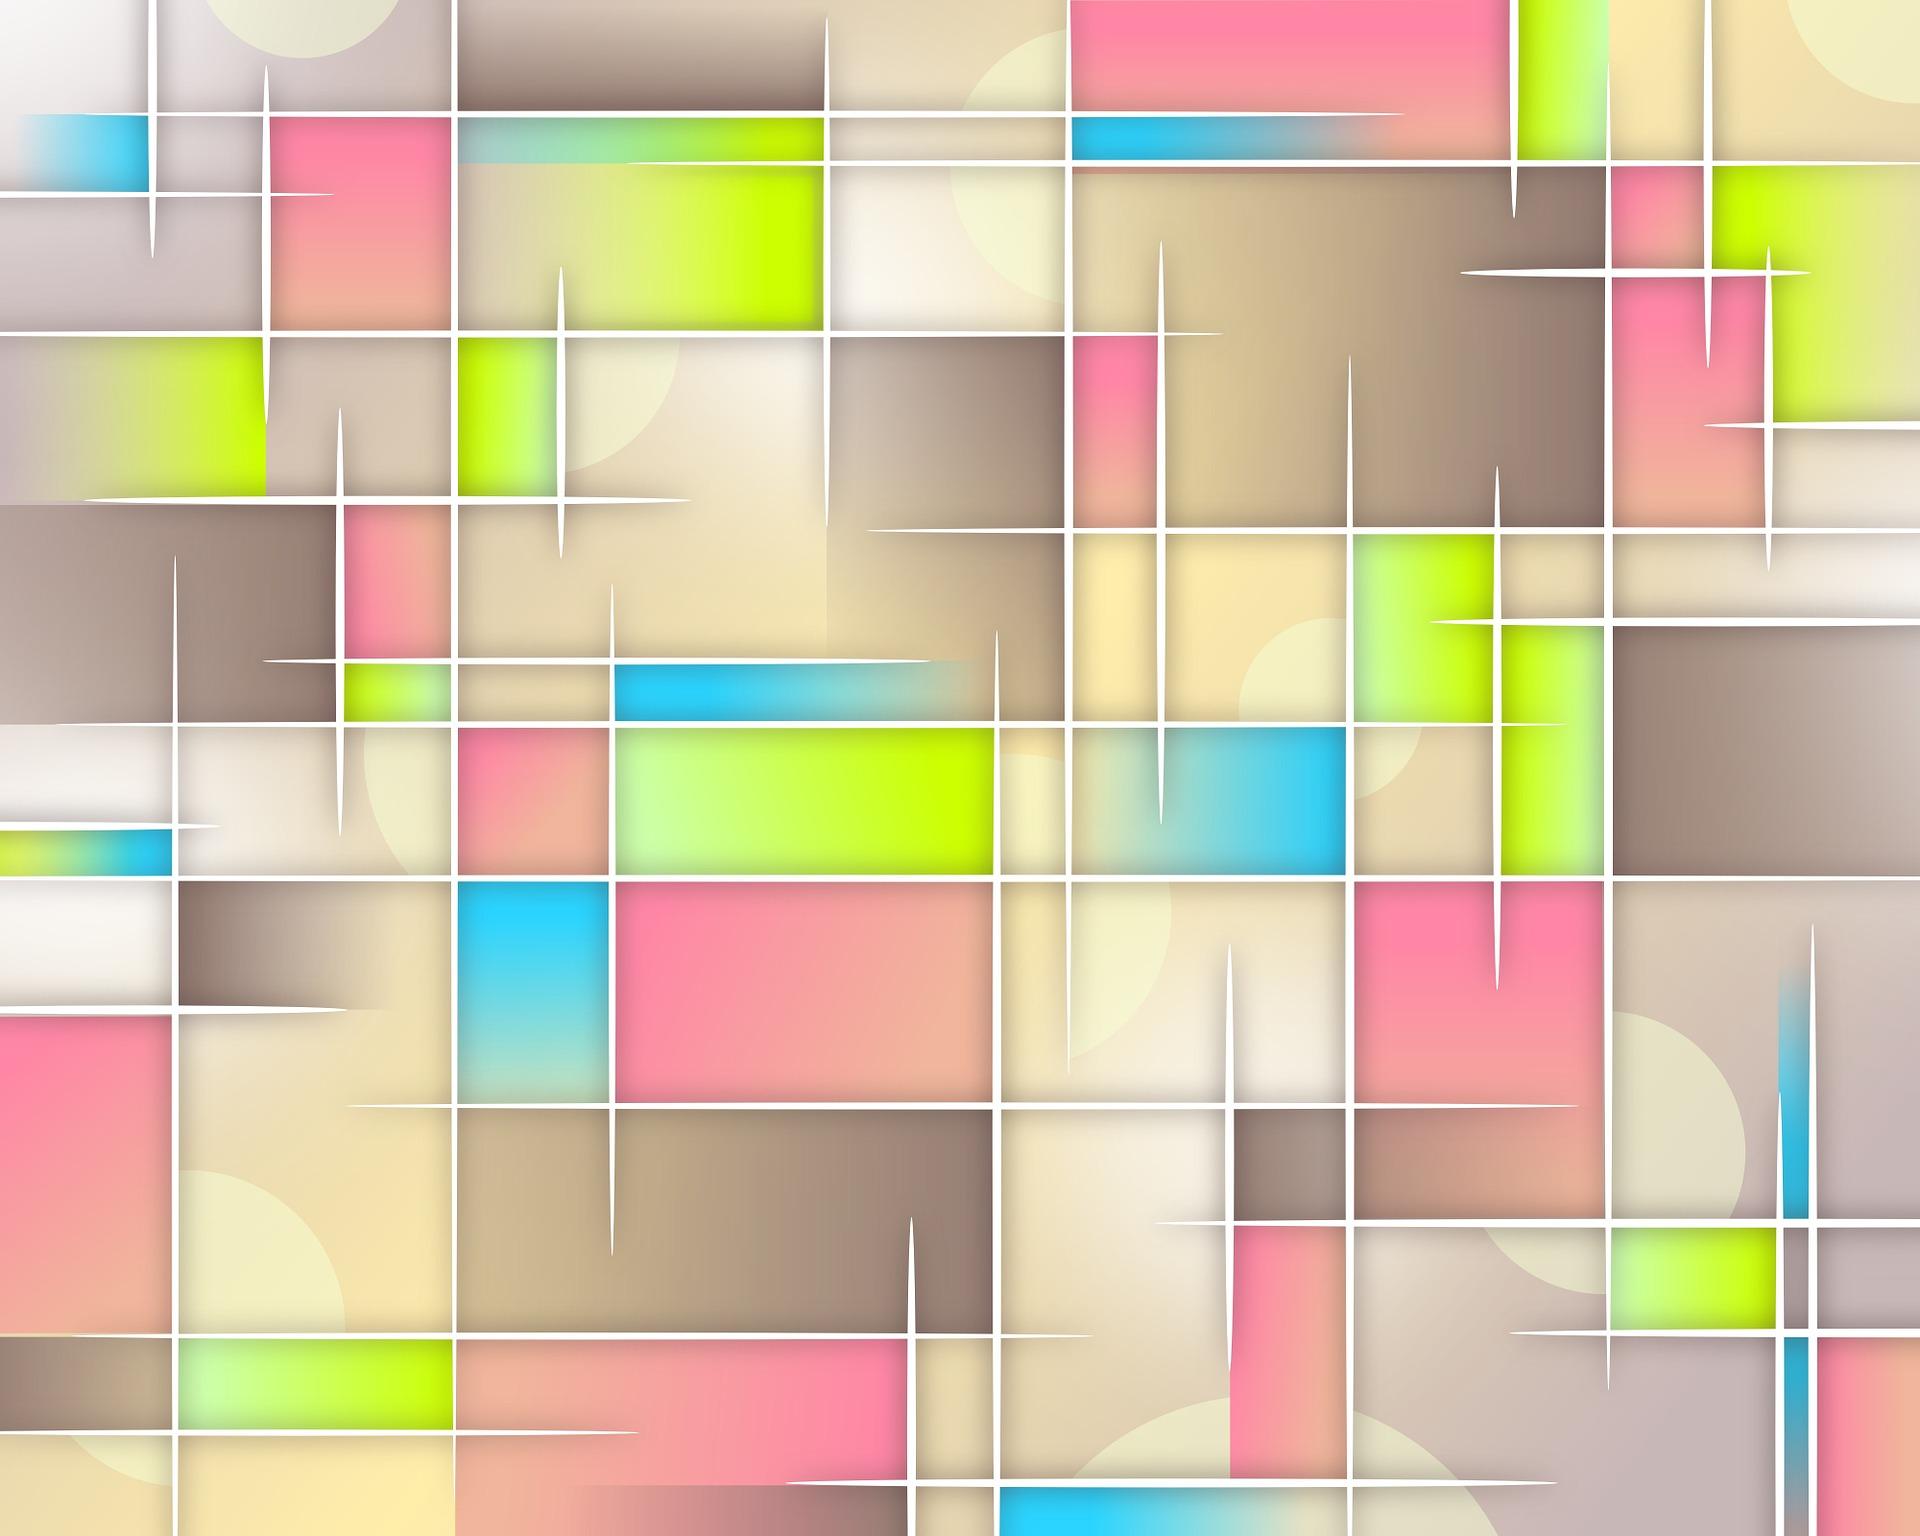 网络, 颜色, 广场, 插图, 摘要 - 高清壁纸 - 教授-falken.com